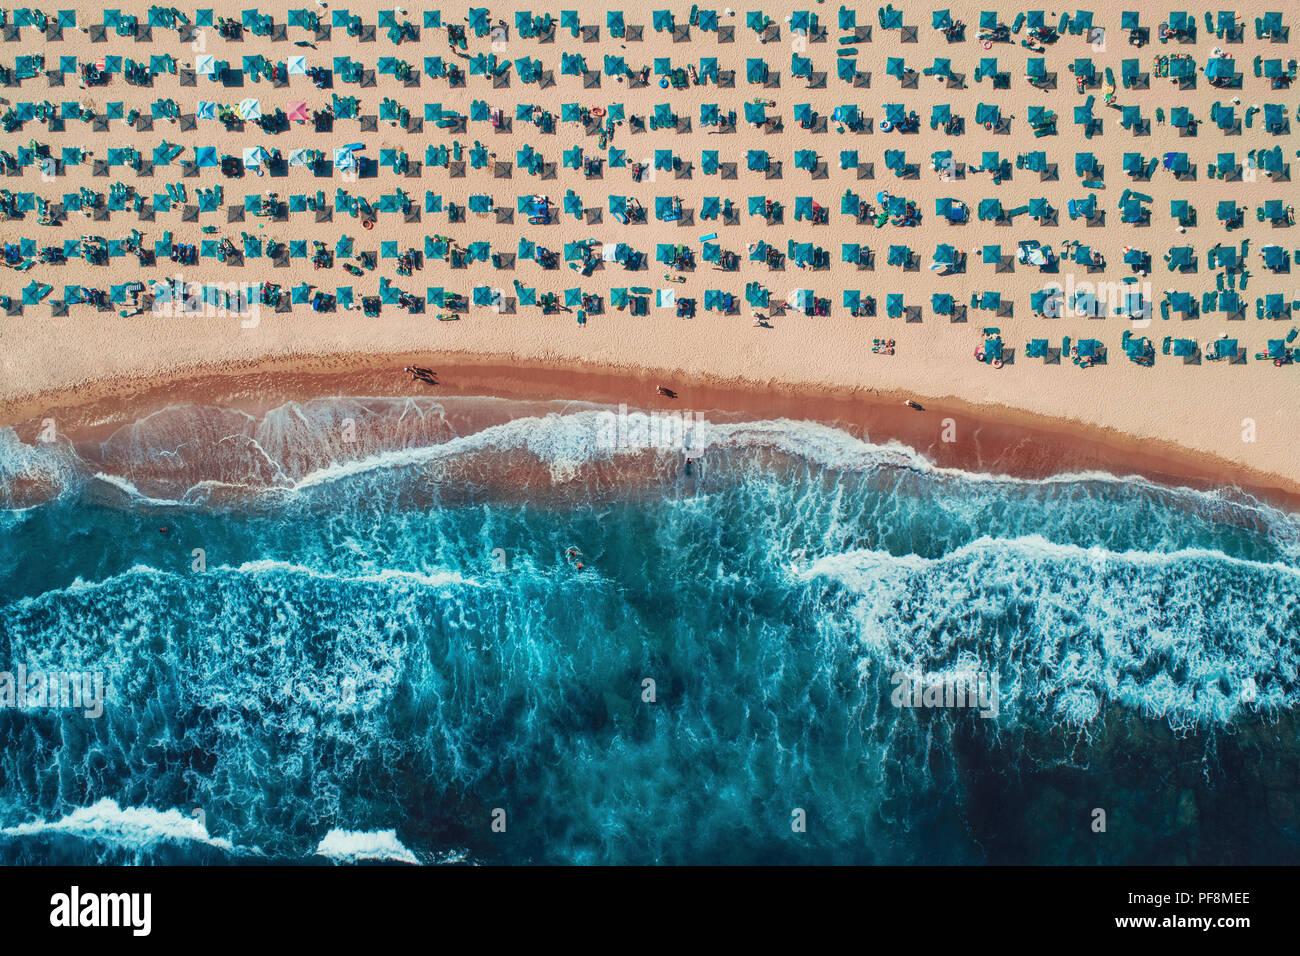 Vista superior de la antena en la playa. Paraguas, la arena y las olas del mar Foto de stock